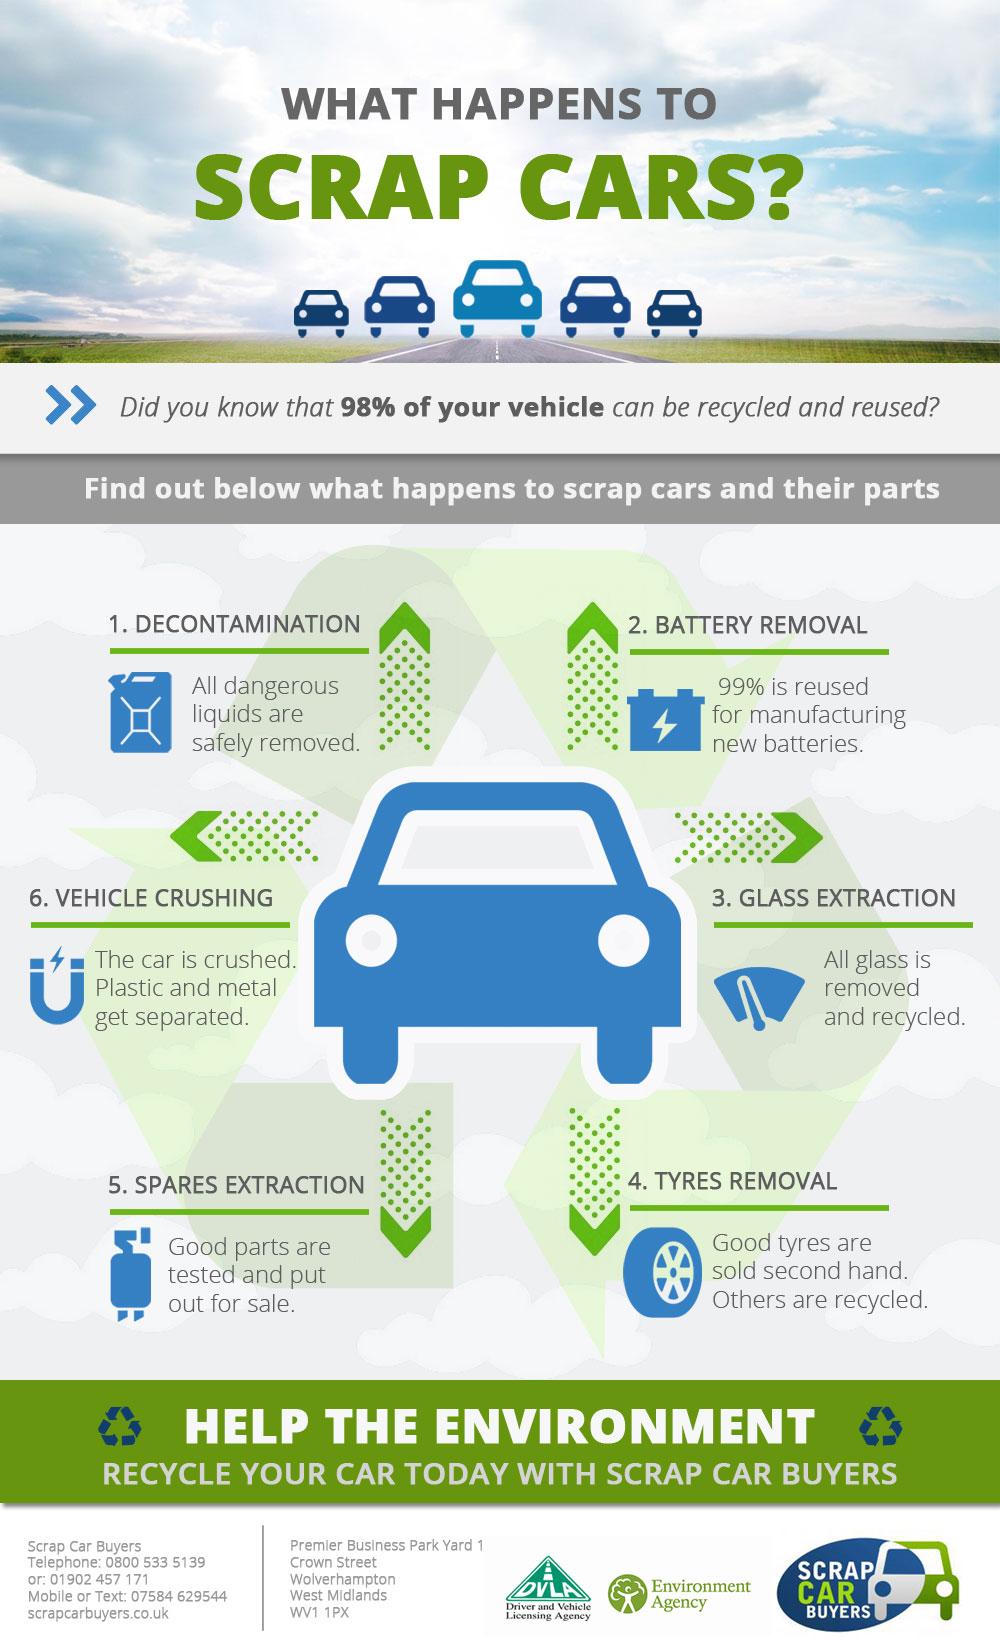 Scrap Car process